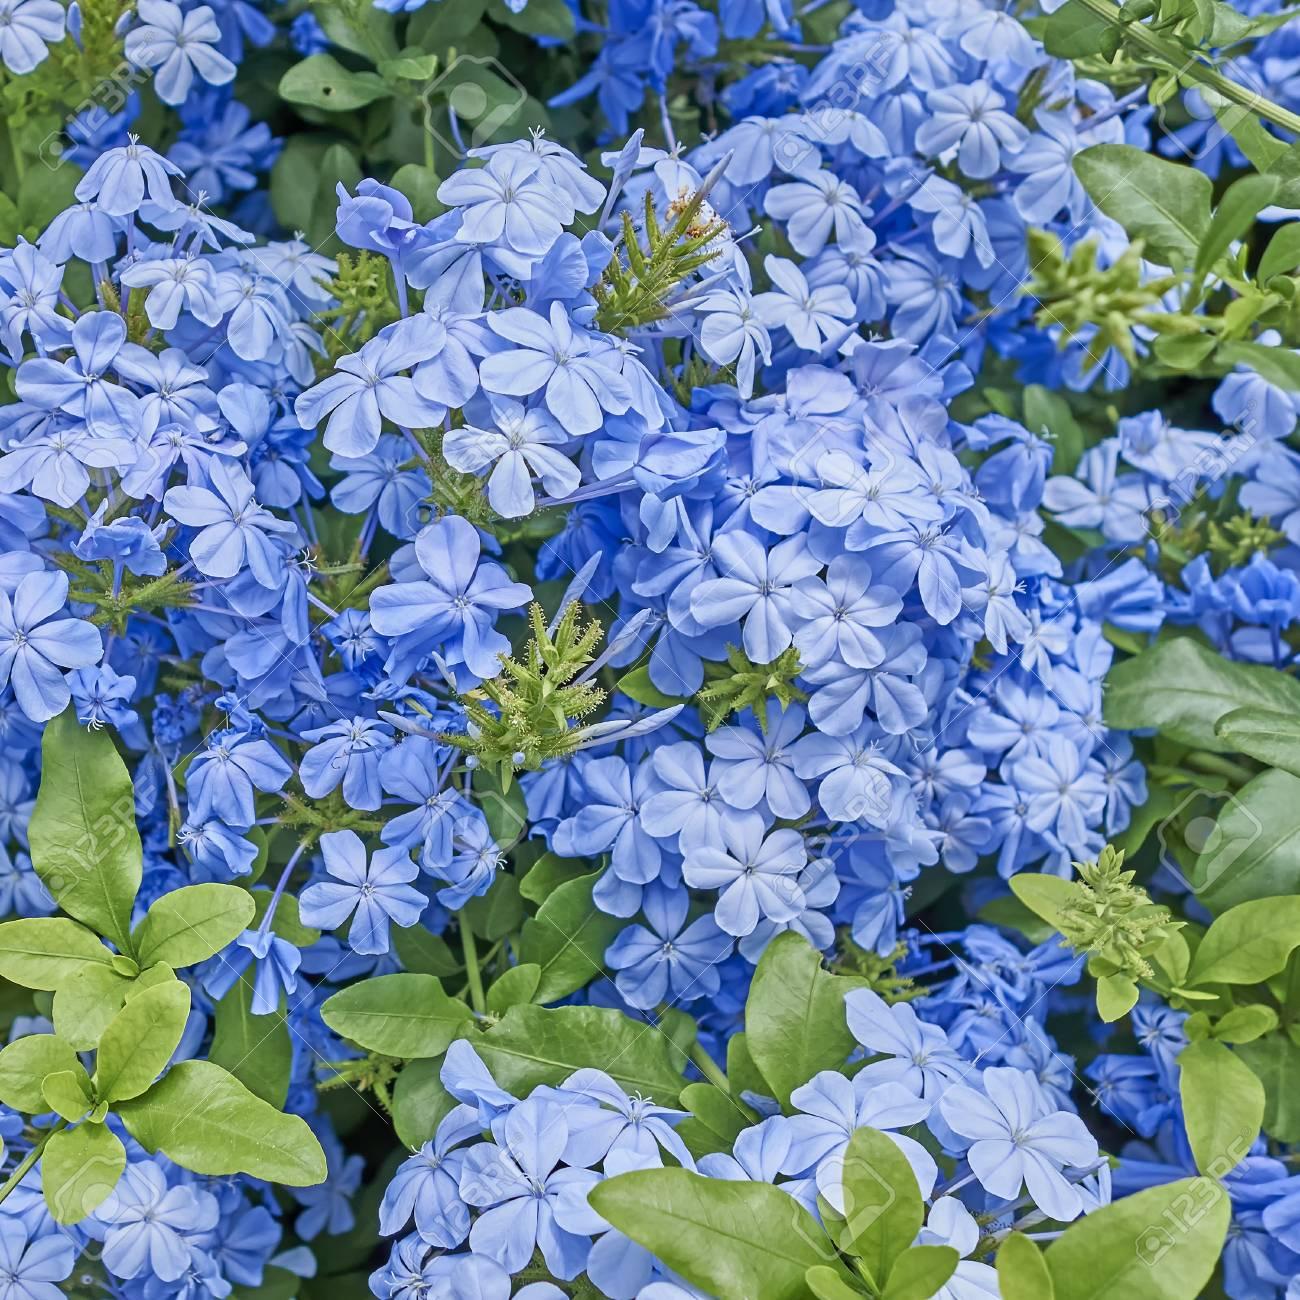 cyprus flowers-Blue Jasmine